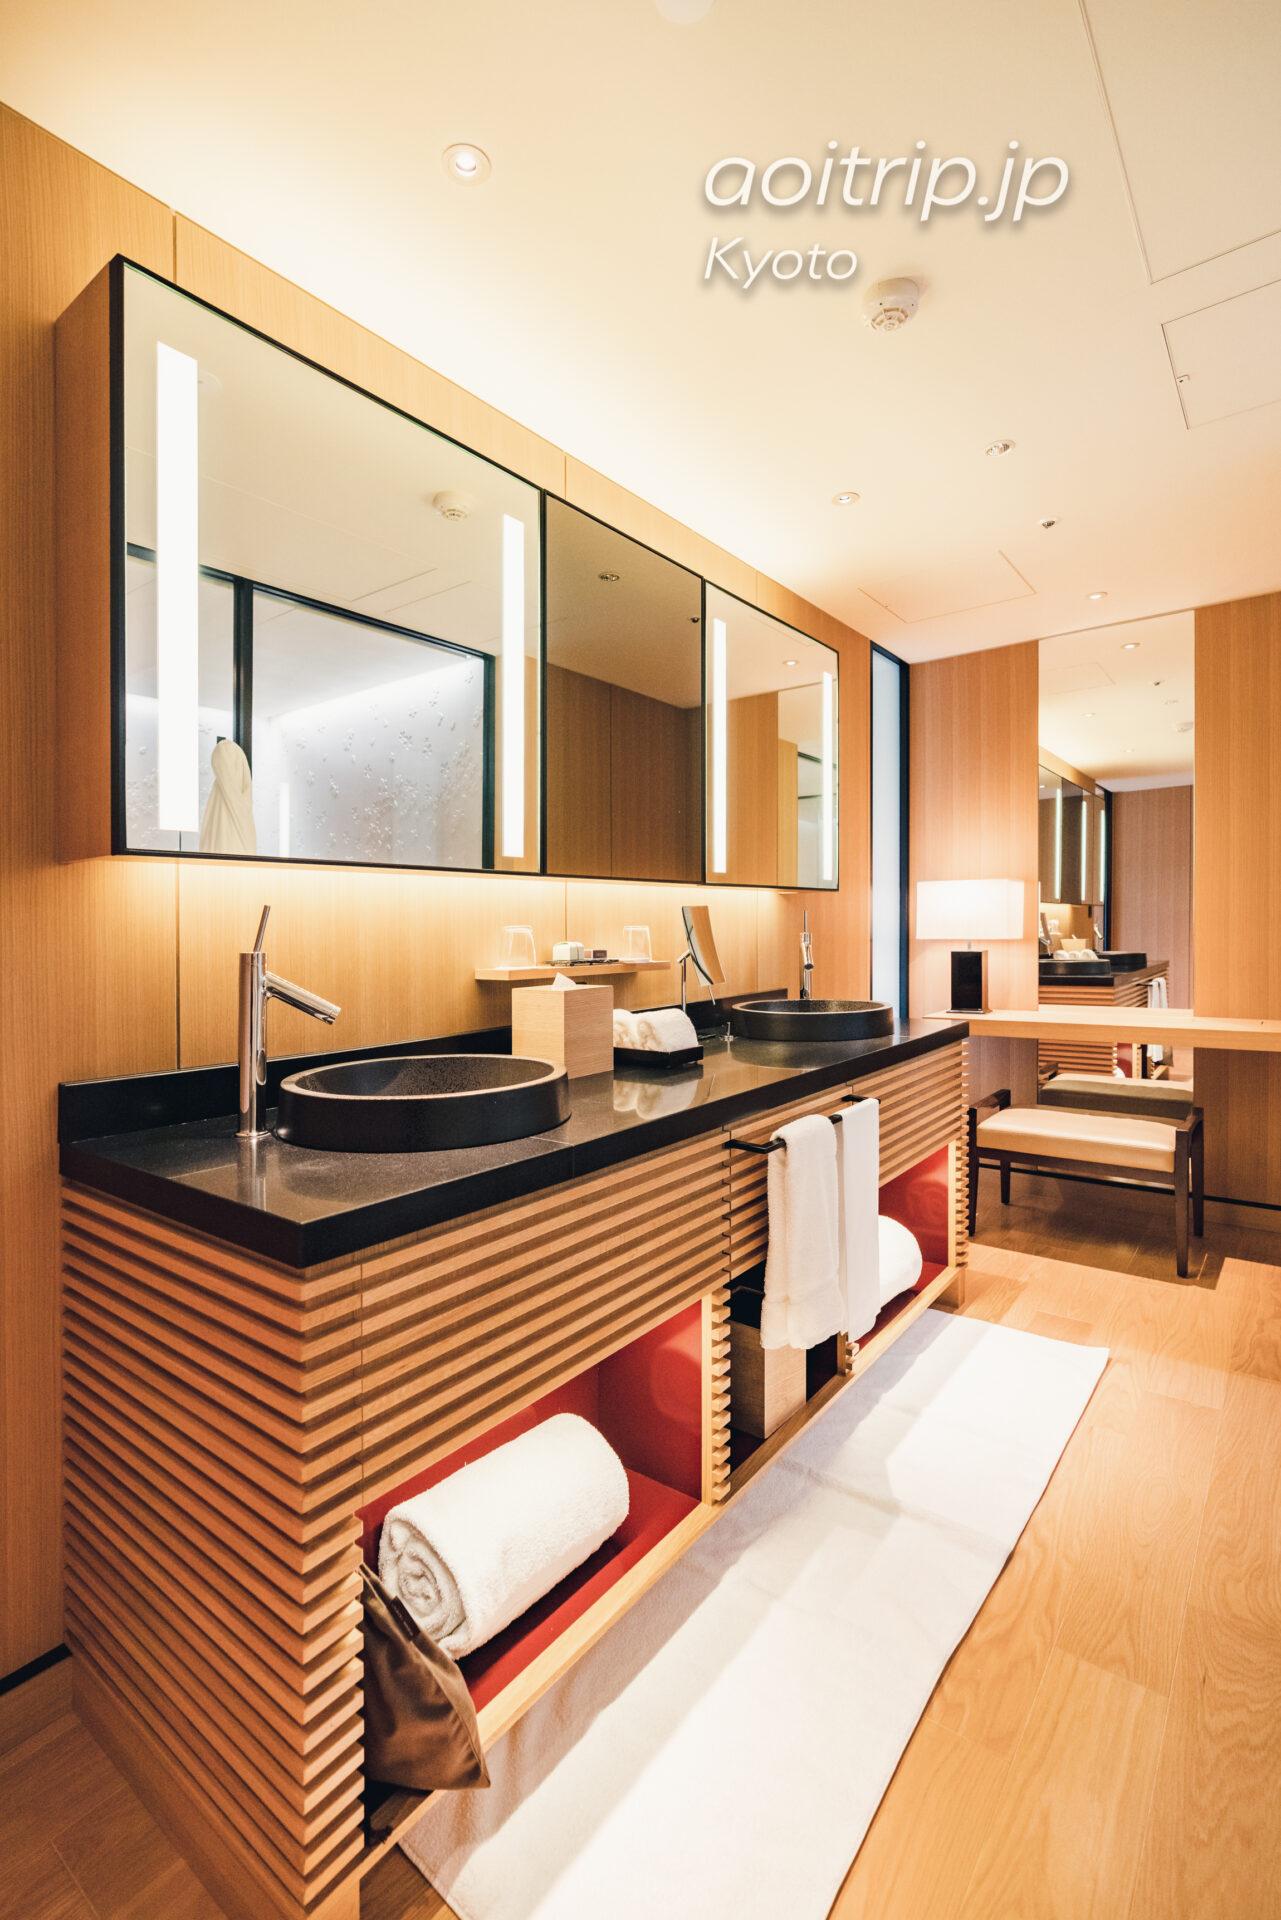 ザ リッツ カールトン京都 The Ritz-Carlton Kyoto コーナースイート KITA Courner Suite KITA バスルーム